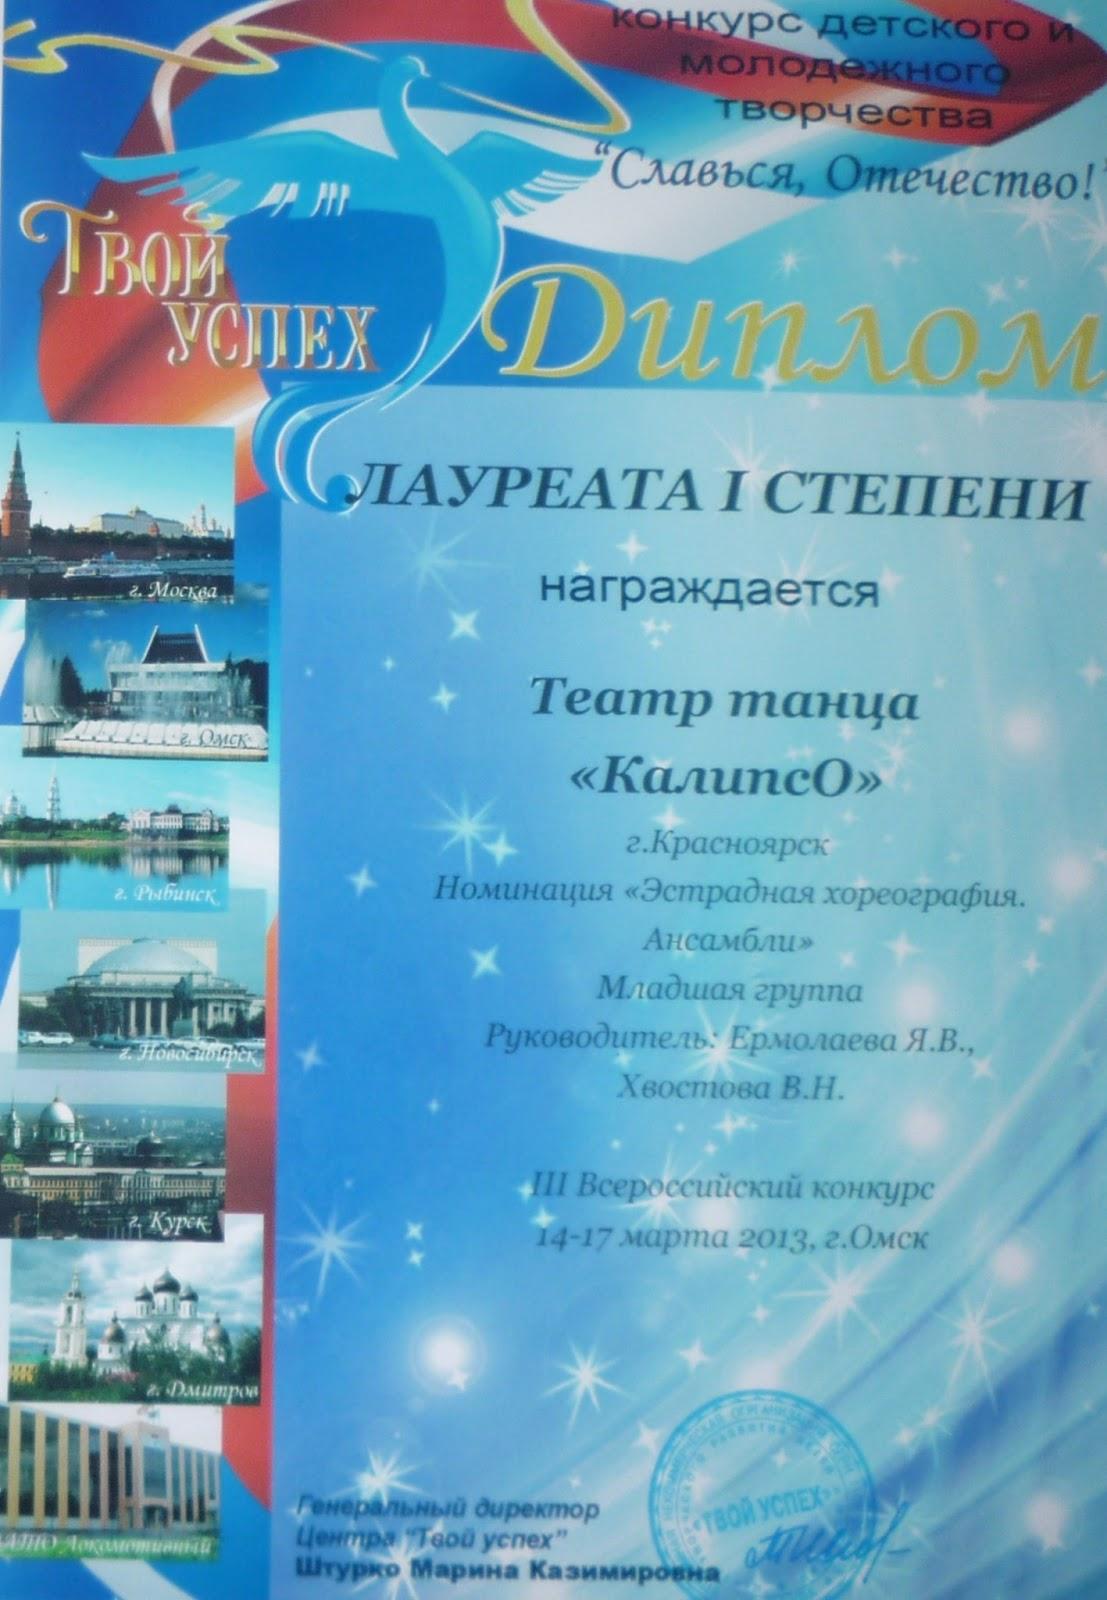 Конкурс омск славься отечество